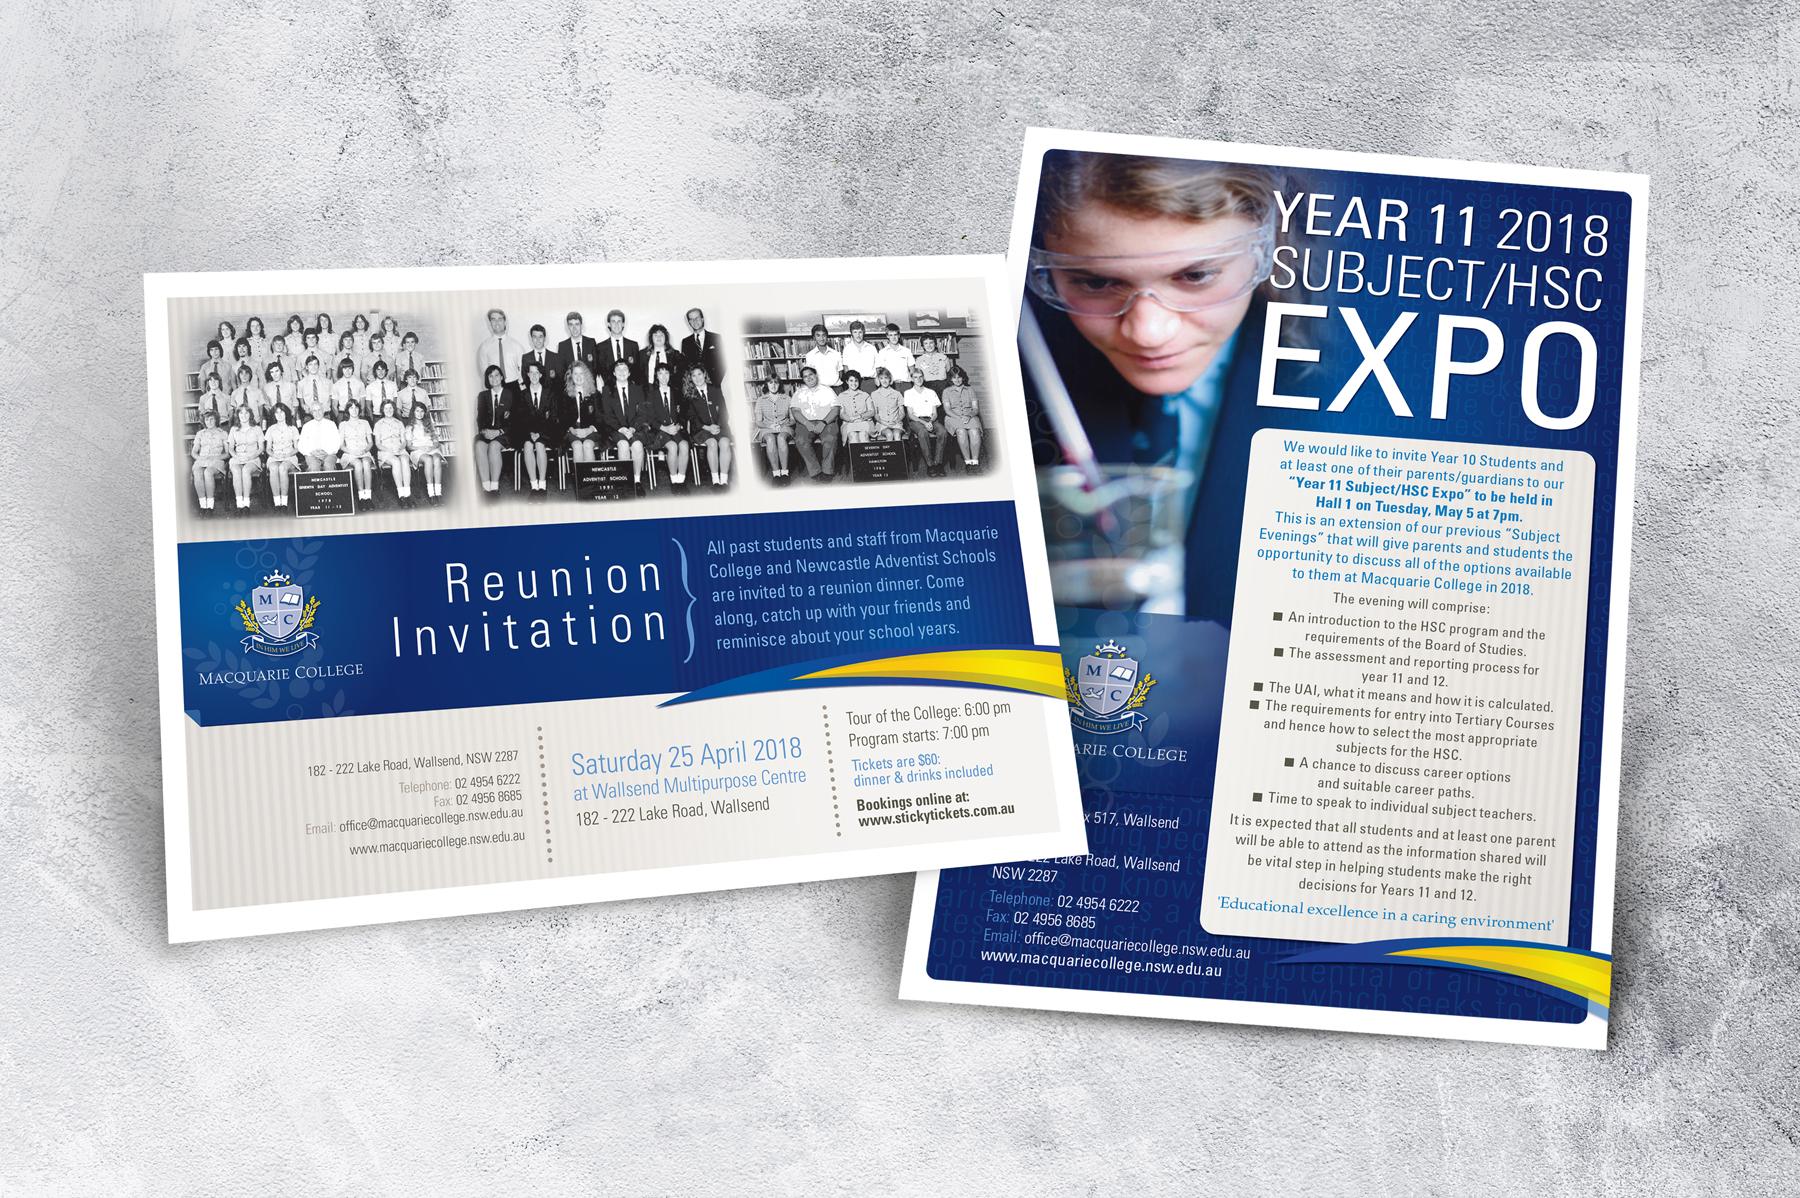 Macquarie College A5 Invitation and Expo Invitation